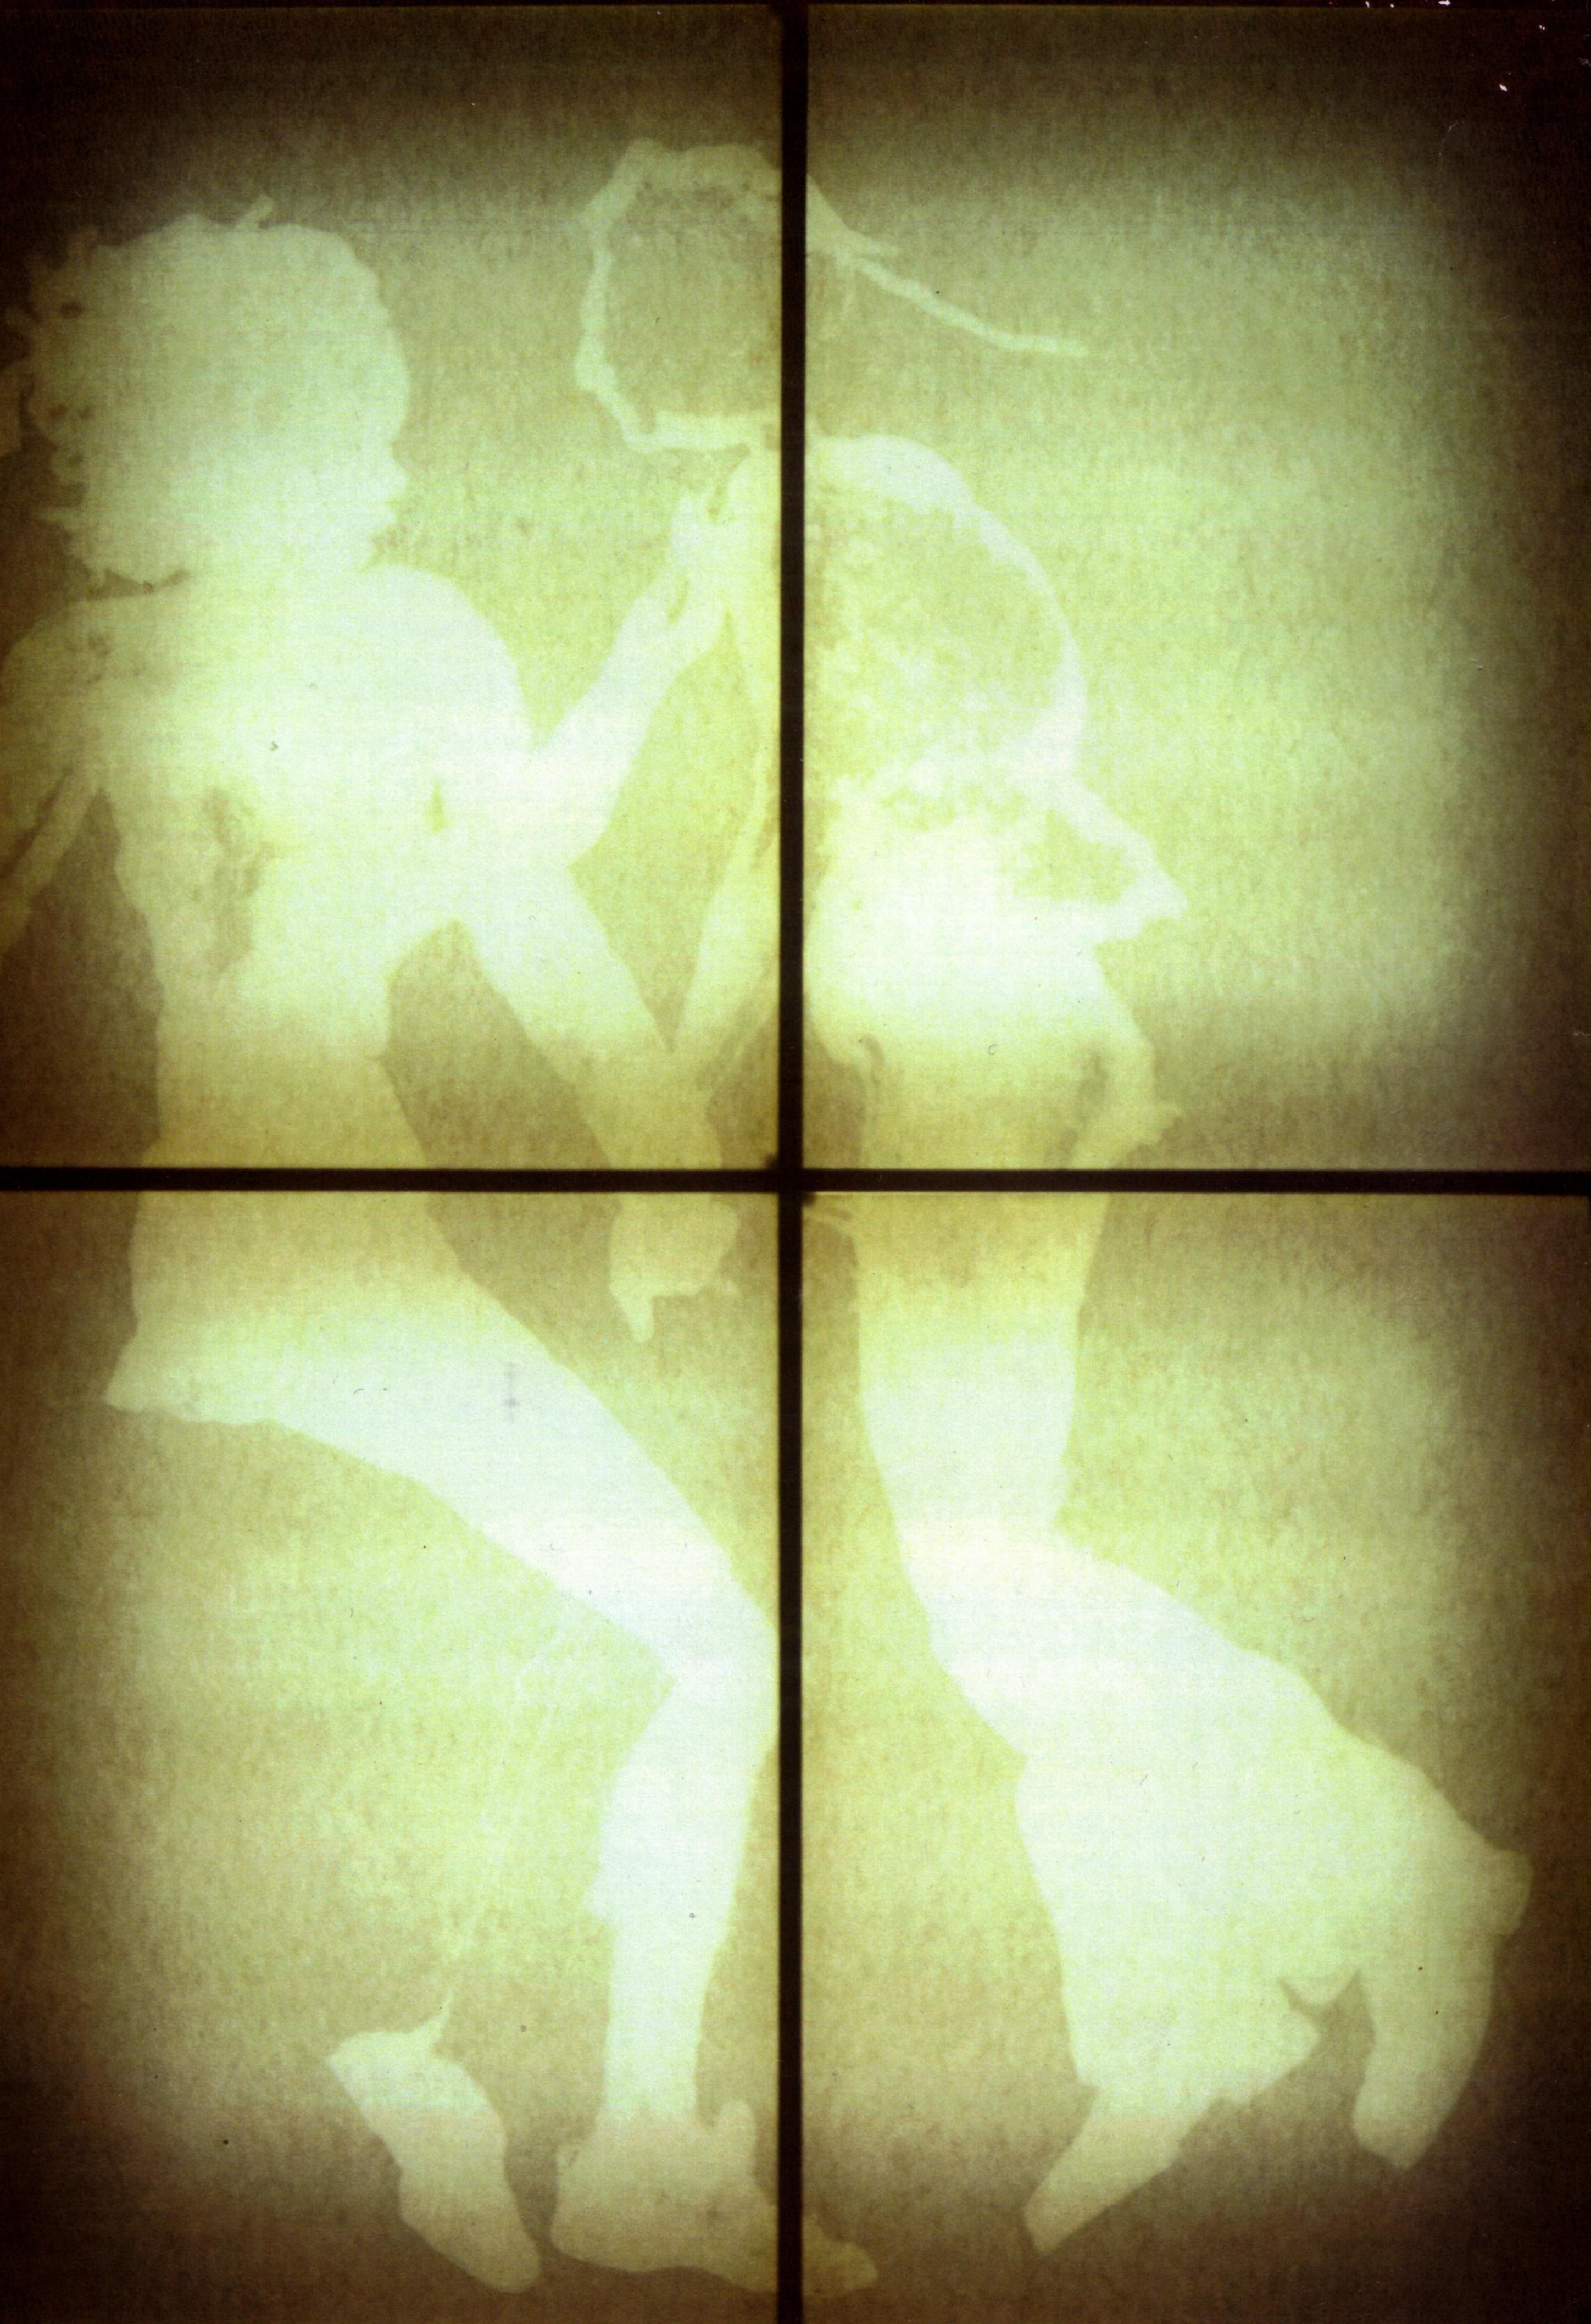 Naamloos-gescand-01